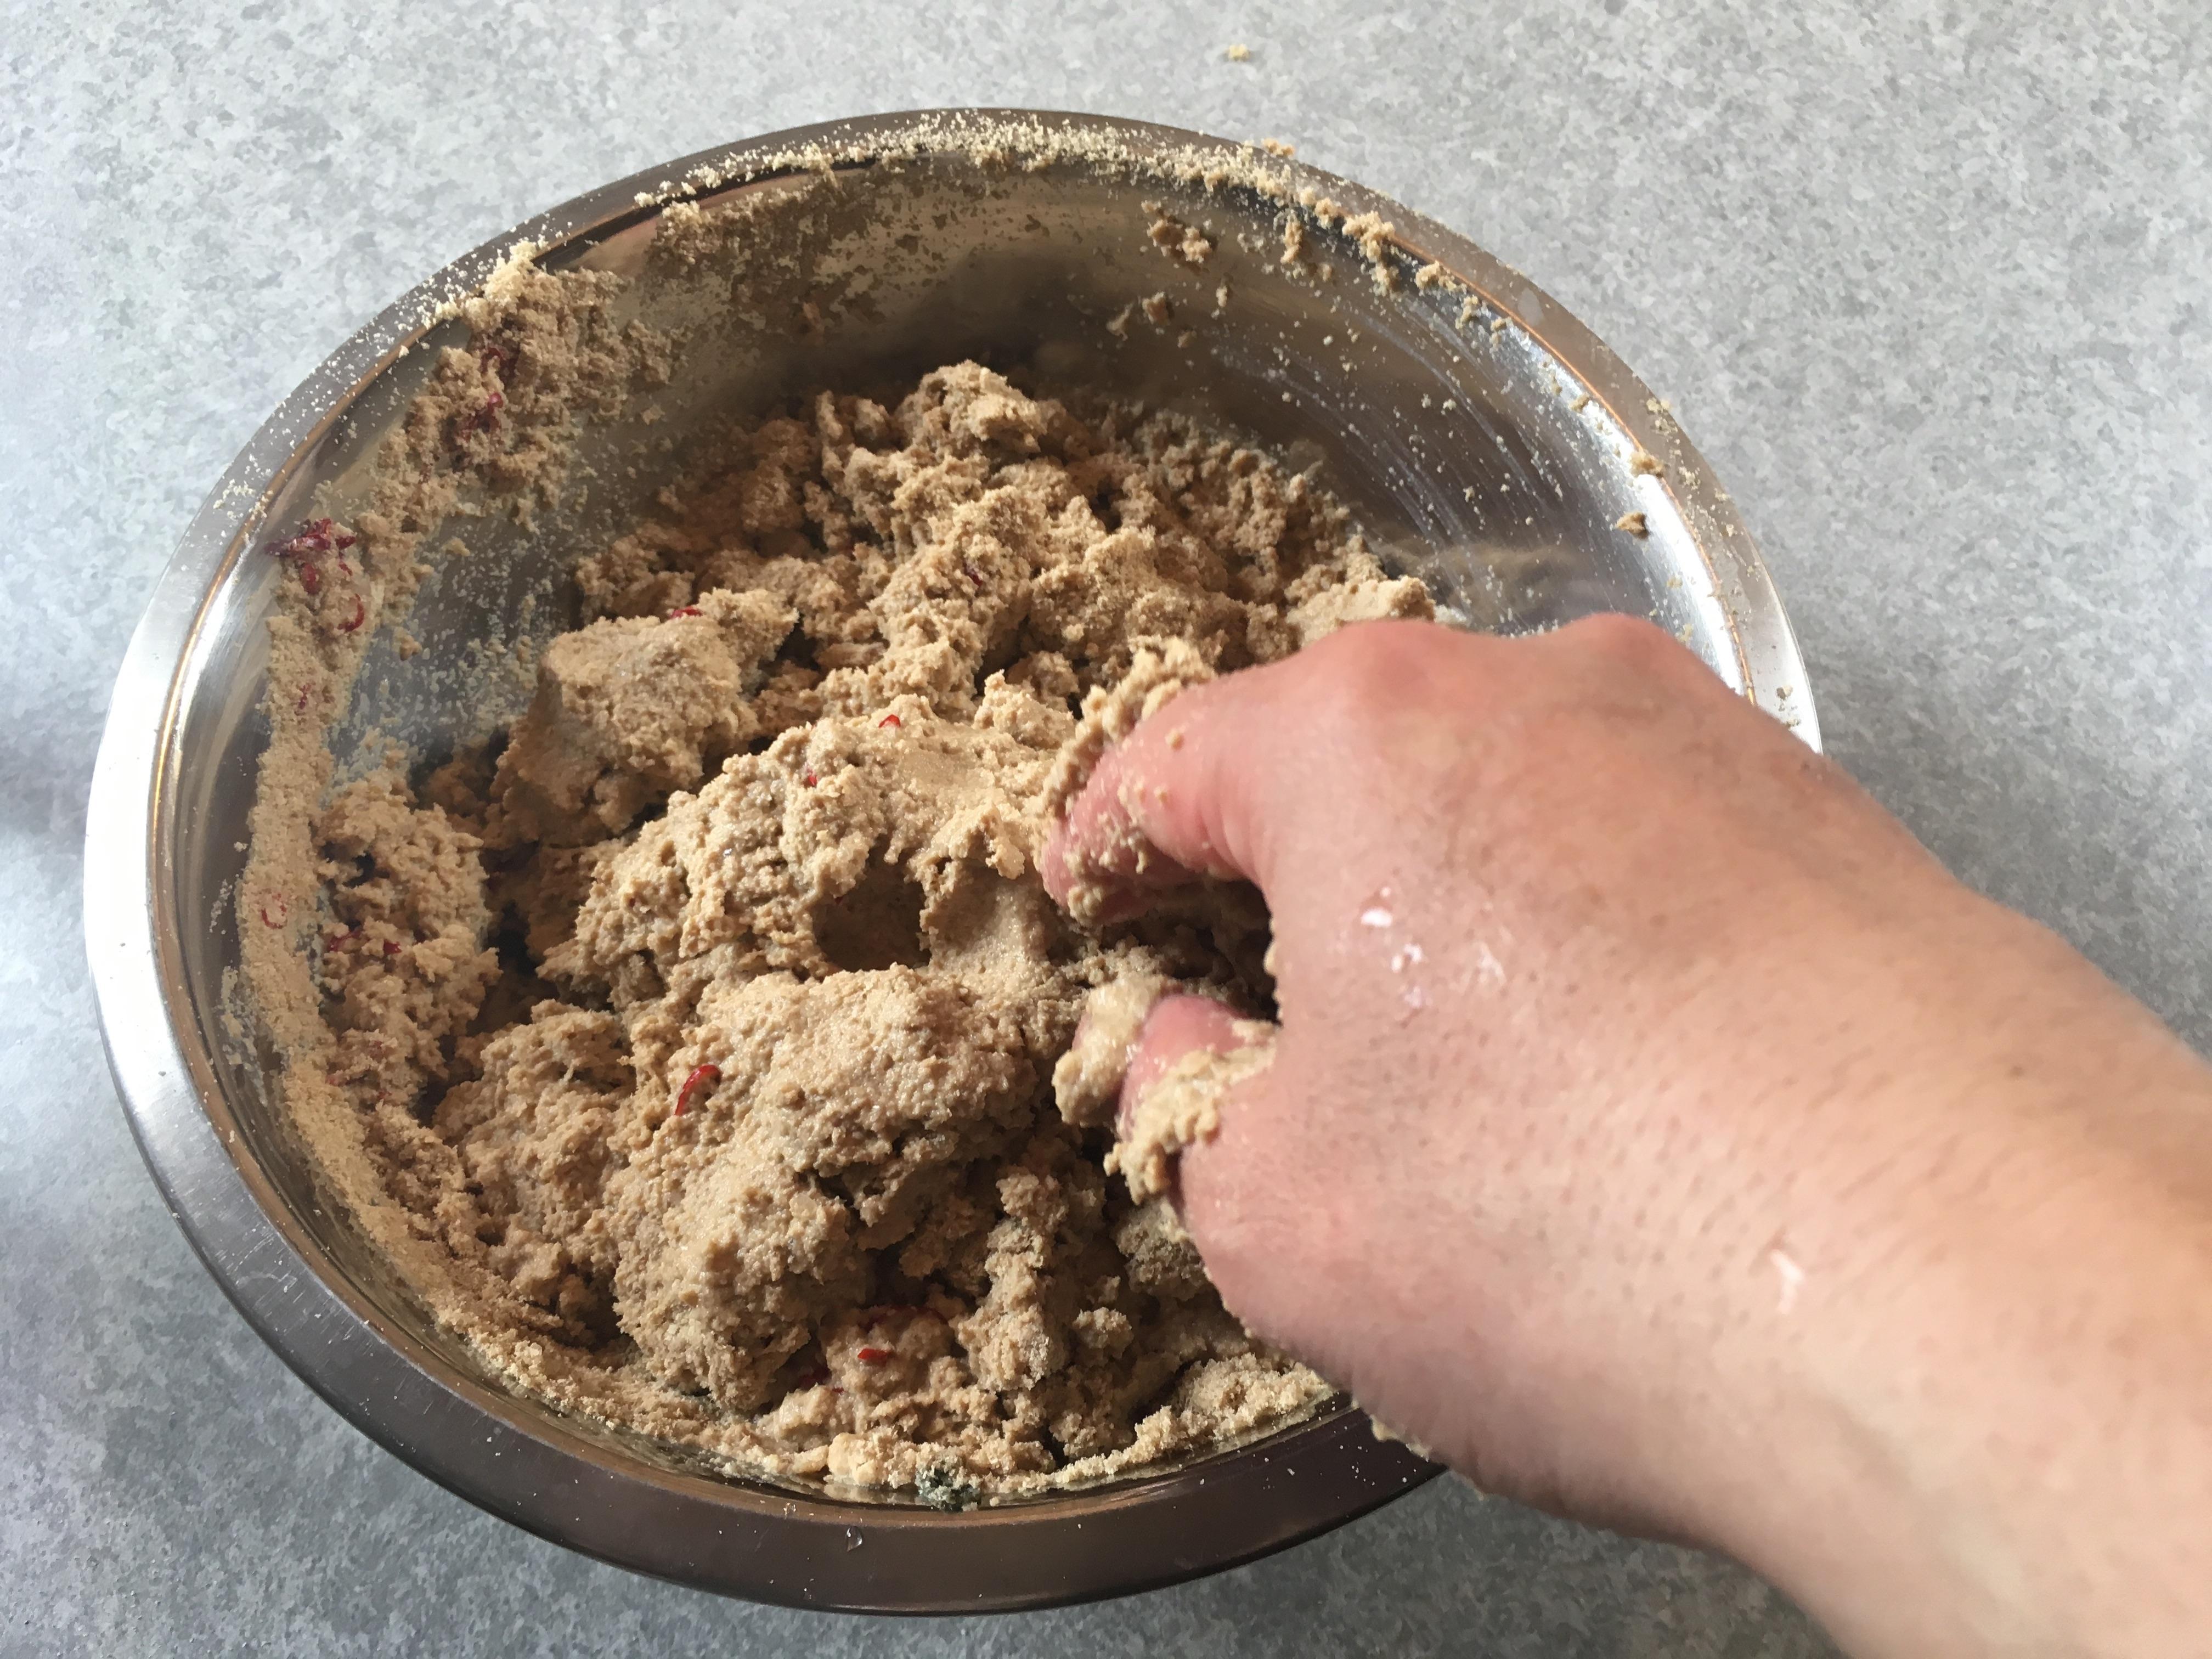 ボールの入った米ぬか、塩、唐辛子に水を加えて混ぜる